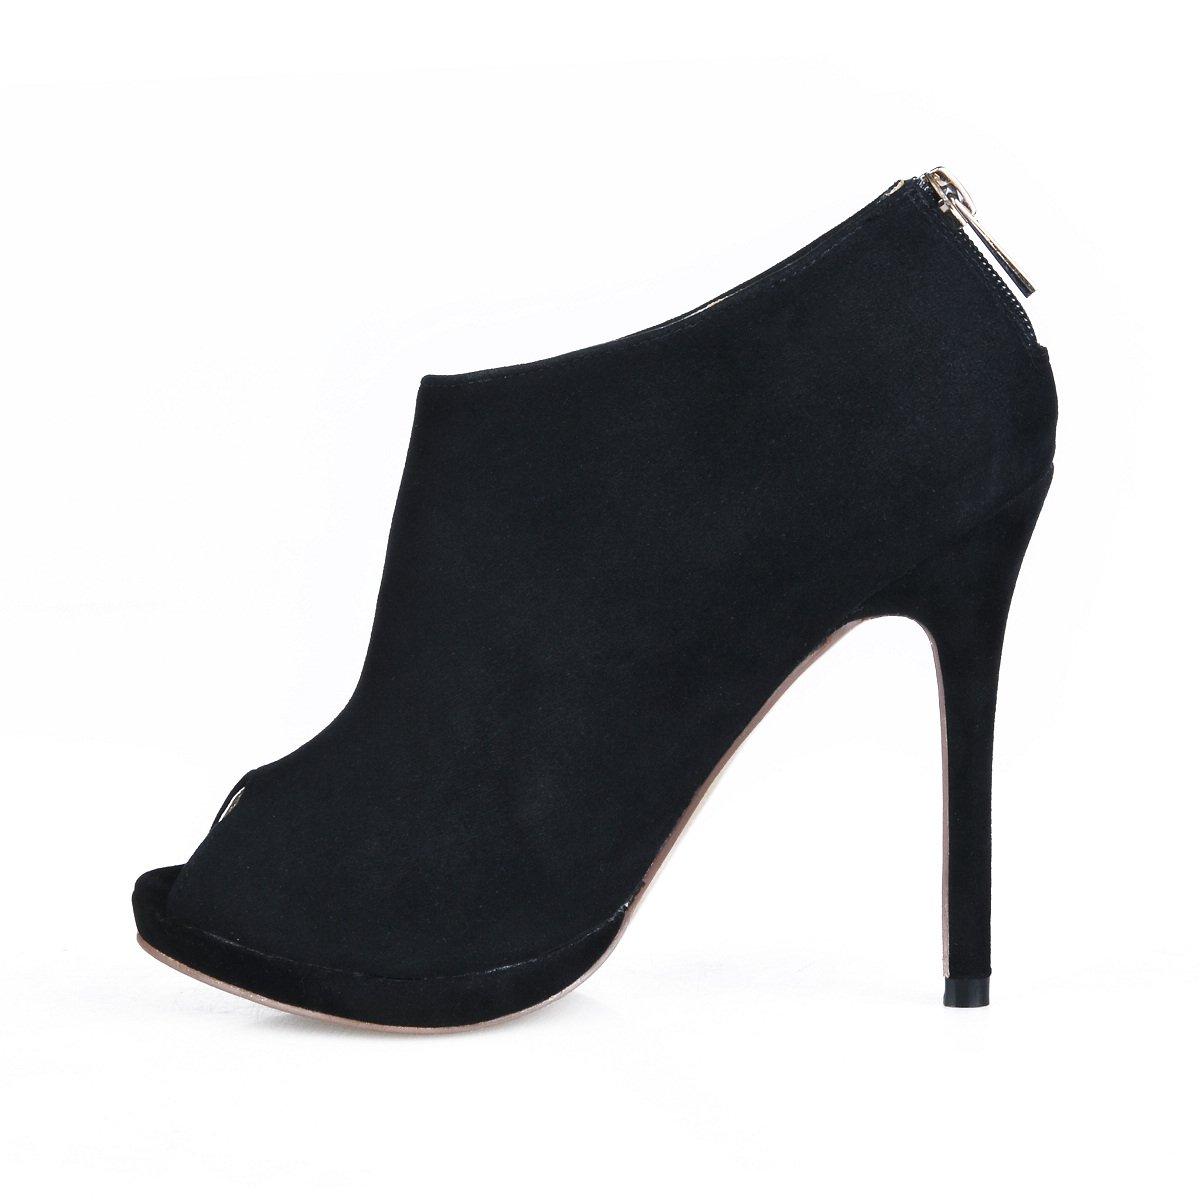 Hohe und Stiefel das Mädchen Herbst neue Produkte im tipp Fisch tipp im Damen Stiefel grosse schwarze Satin fein high-heel Schuhe c73135